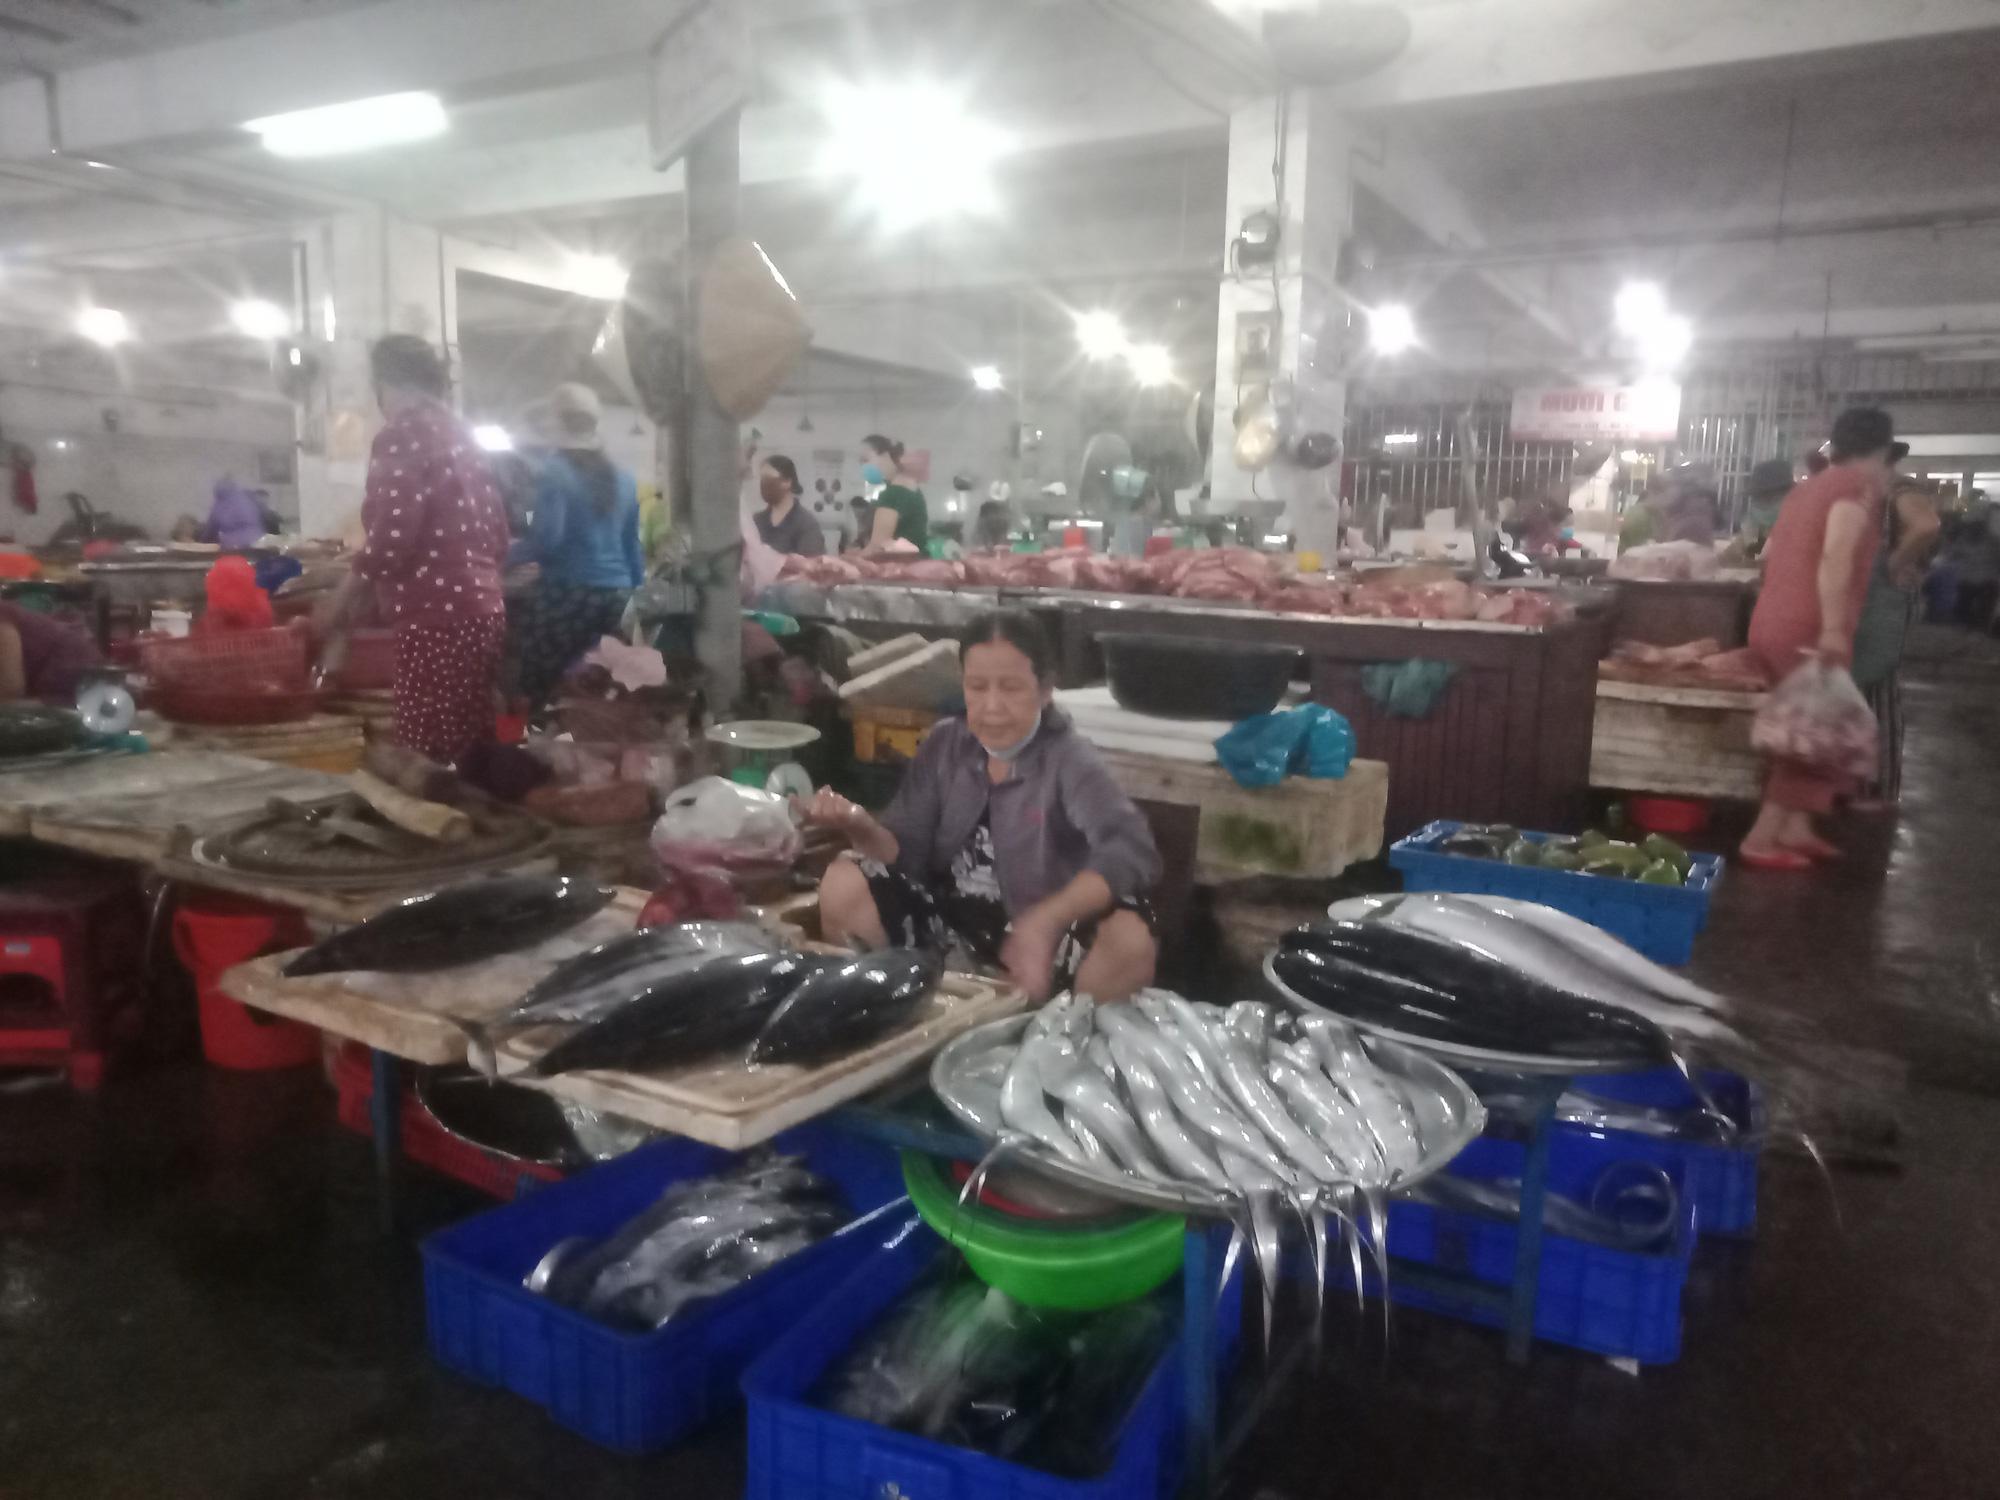 """Dịch Covid-19: Thị trường ở Quảng Nam bình ổn giá, không có chuyện """"găm"""" trữ lương thực - Ảnh 1."""